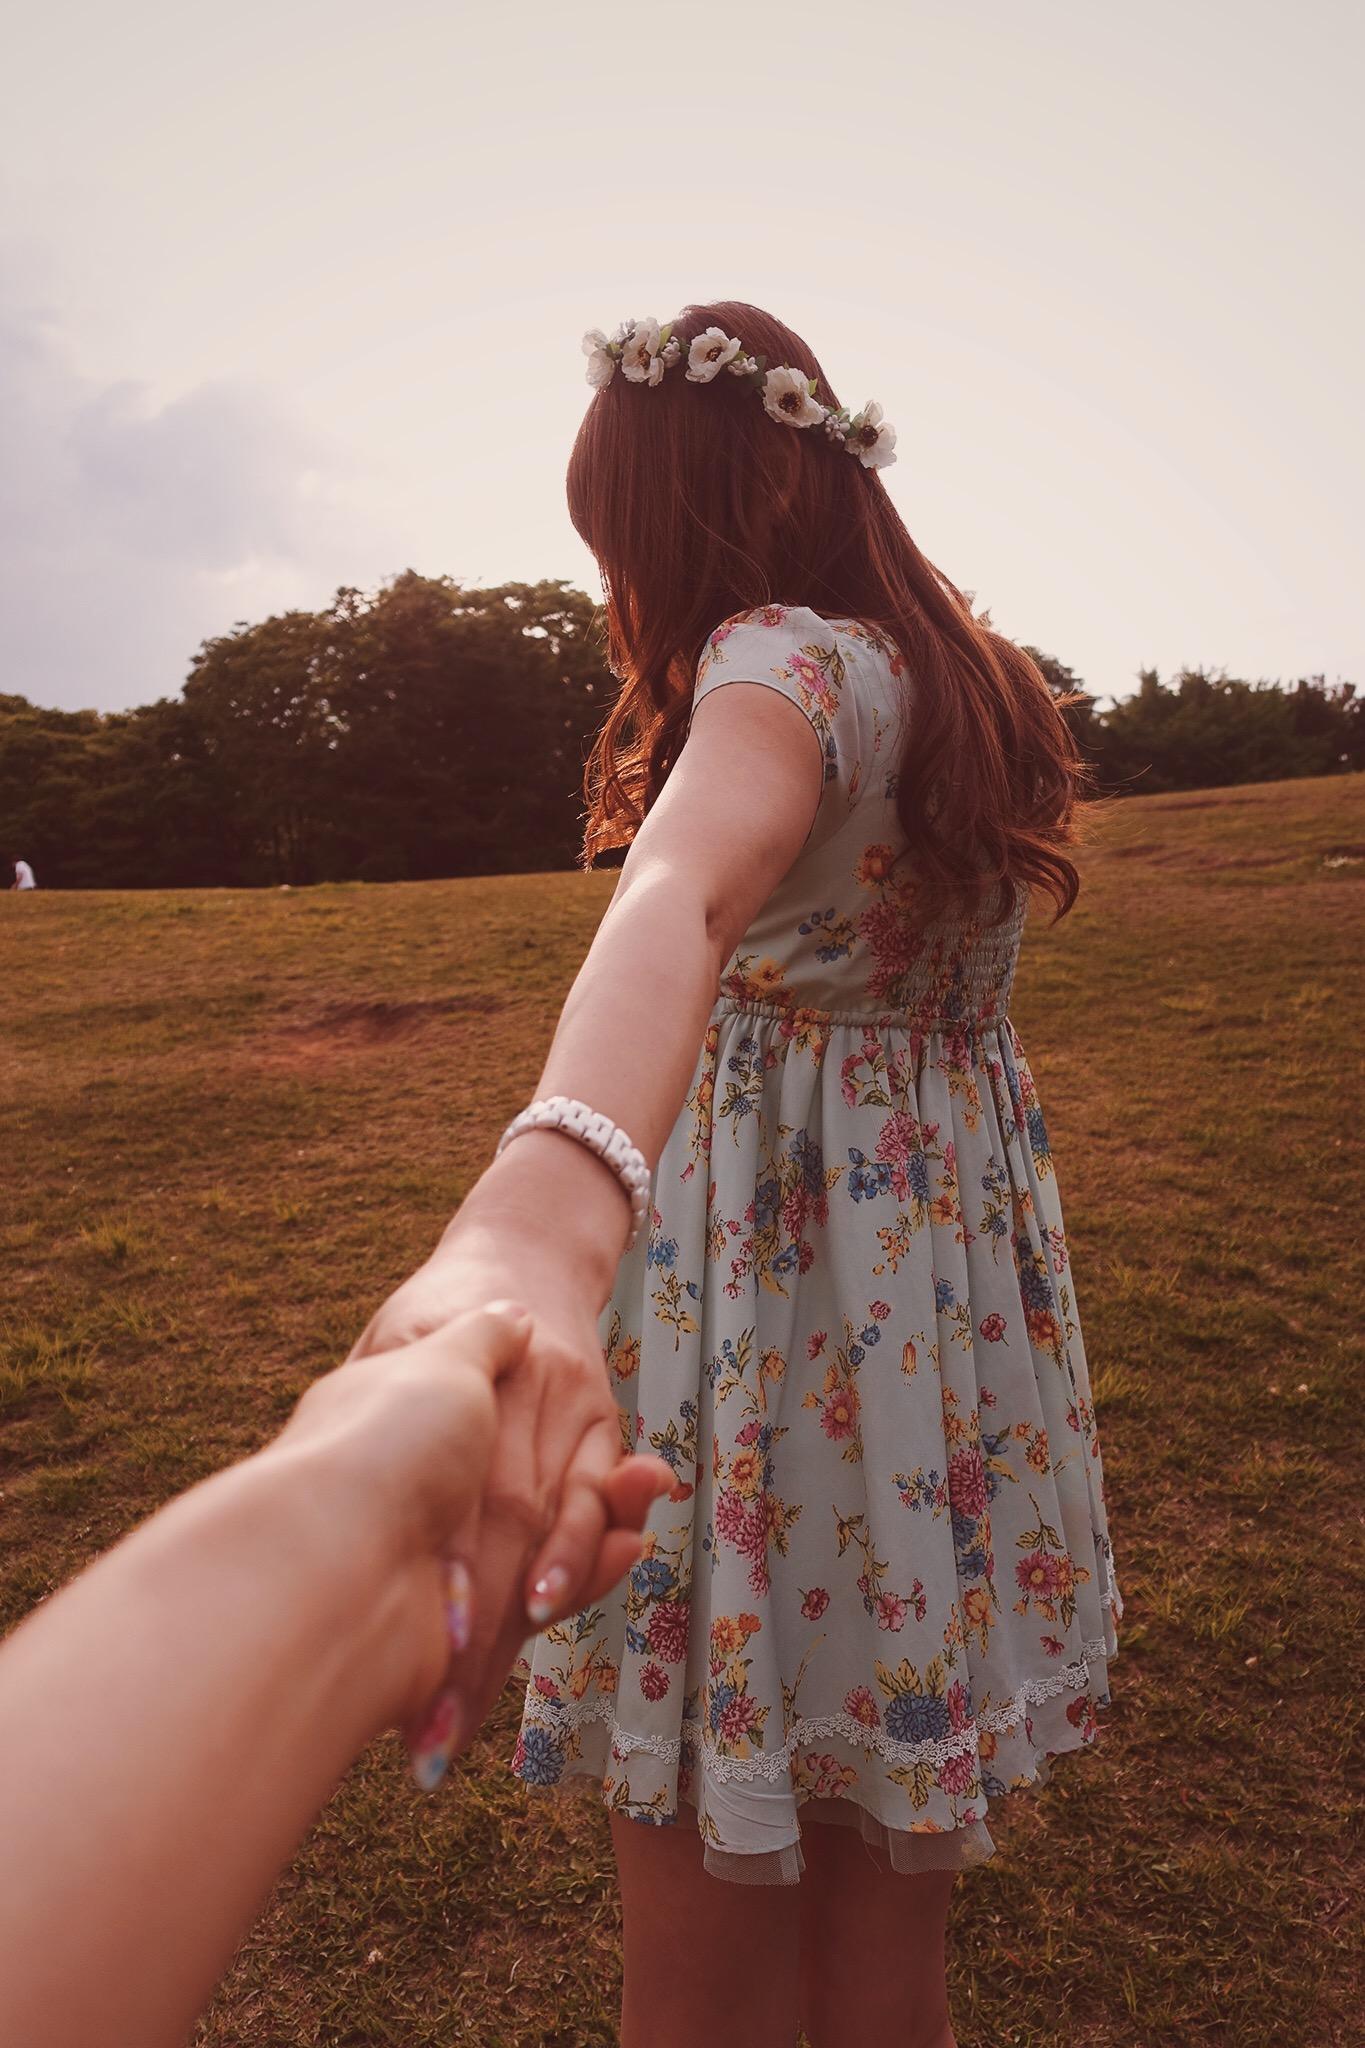 彼氏の手を引っ張る彼女